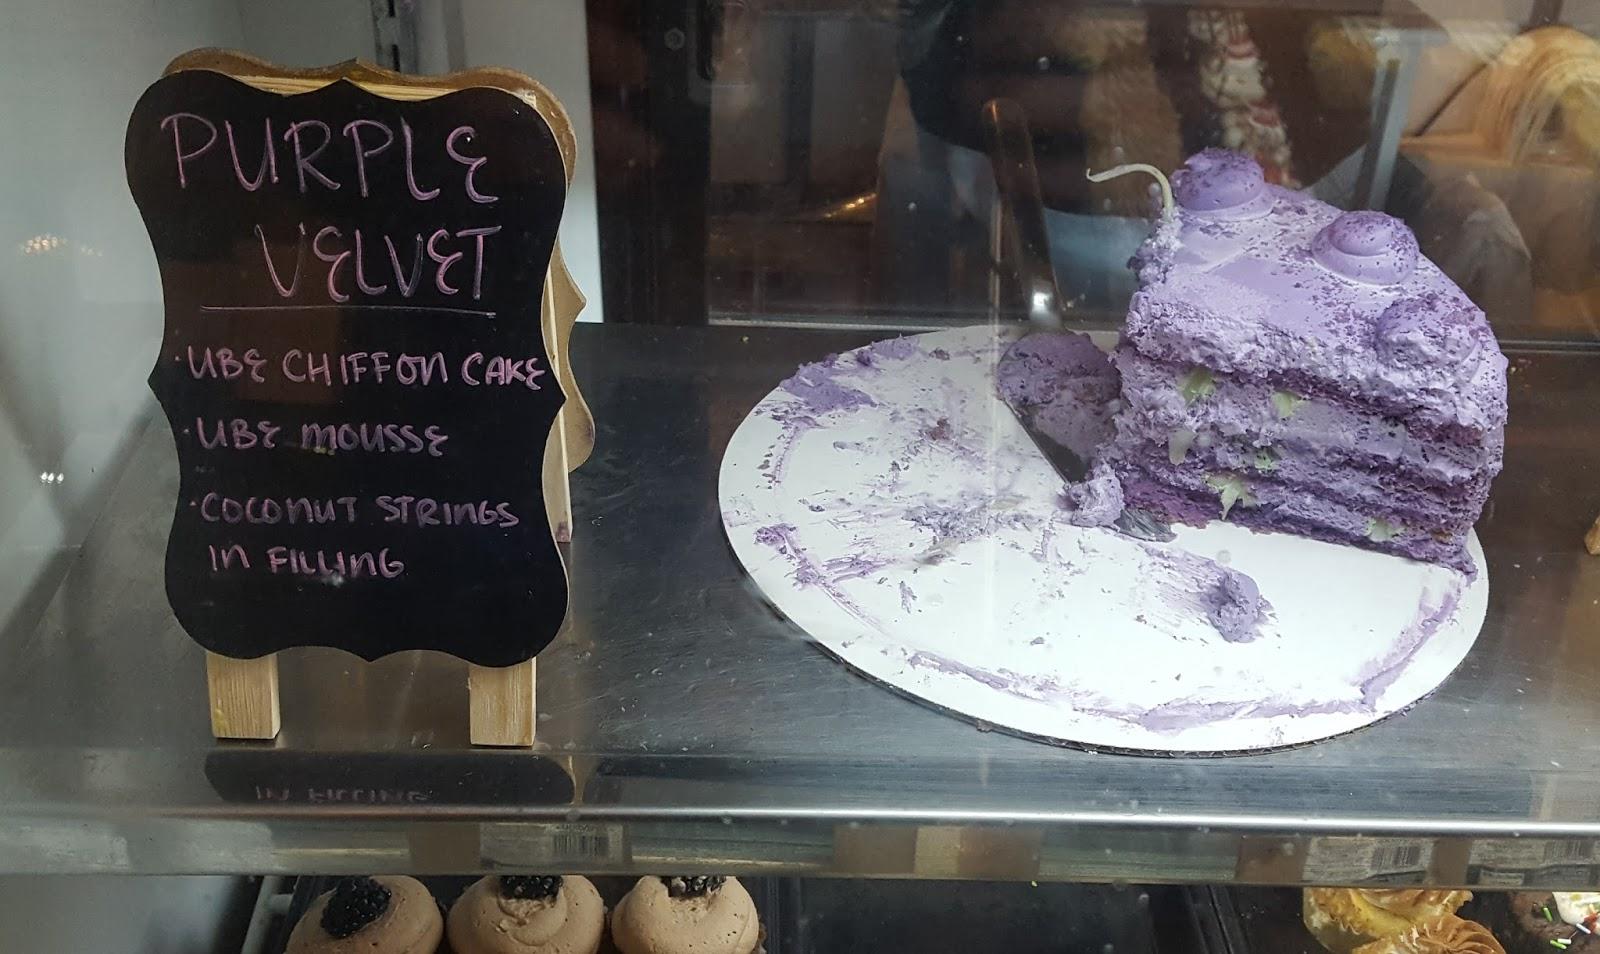 Turkish Cake Shop Near Me